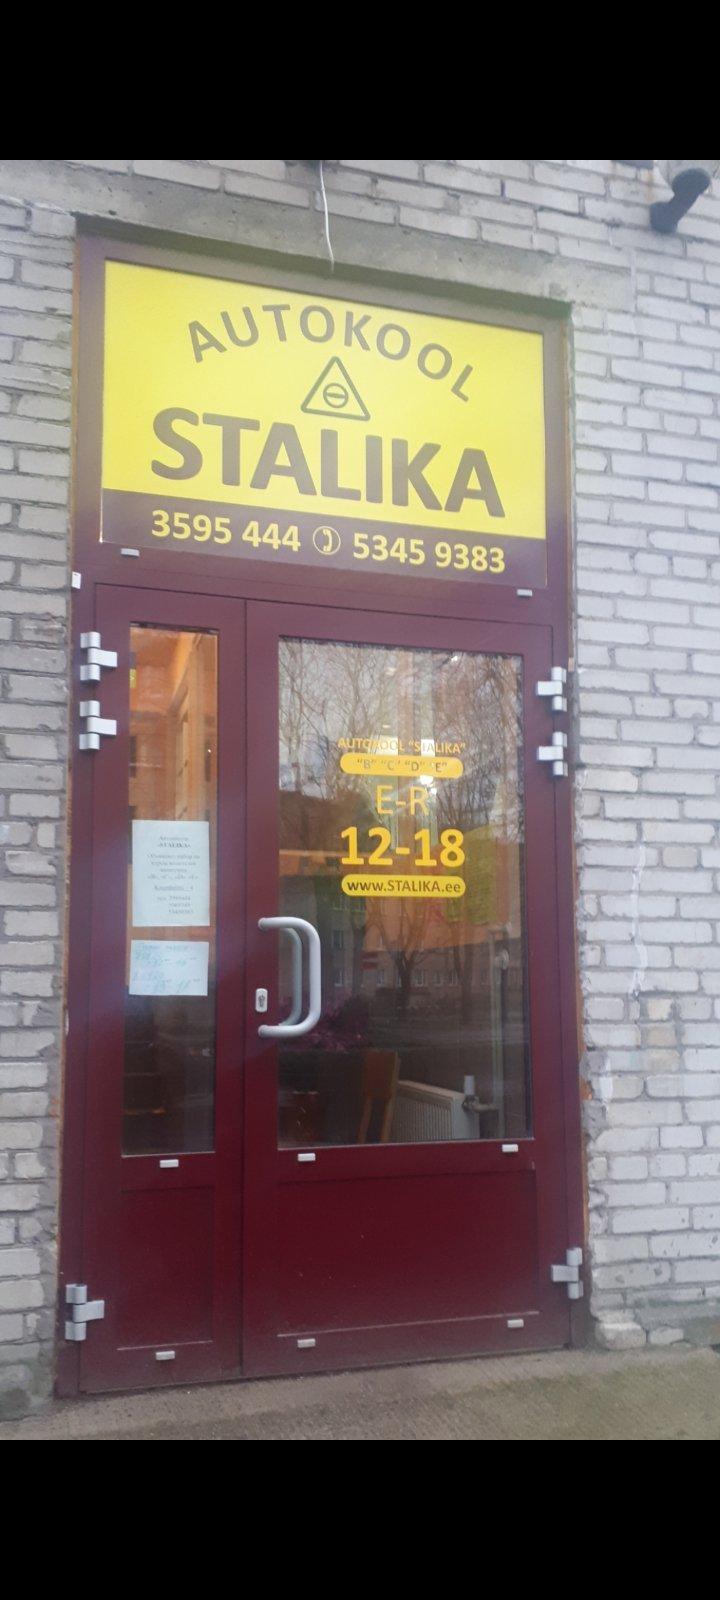 Stalika Autokool